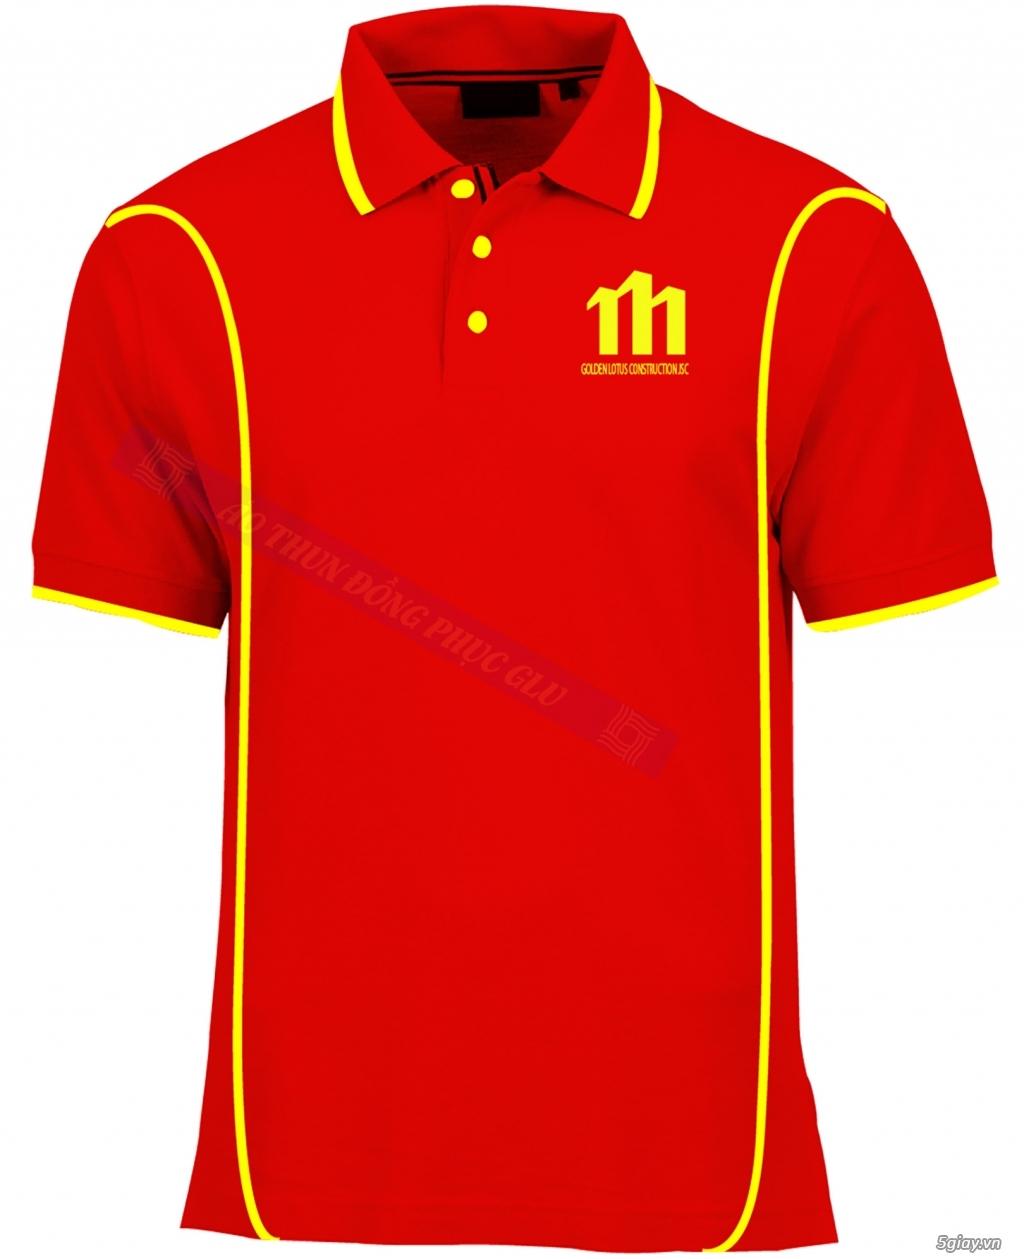 May áo thun đồng phục cao ty chất lượng, giá rẻ nhất TPHCM - 25